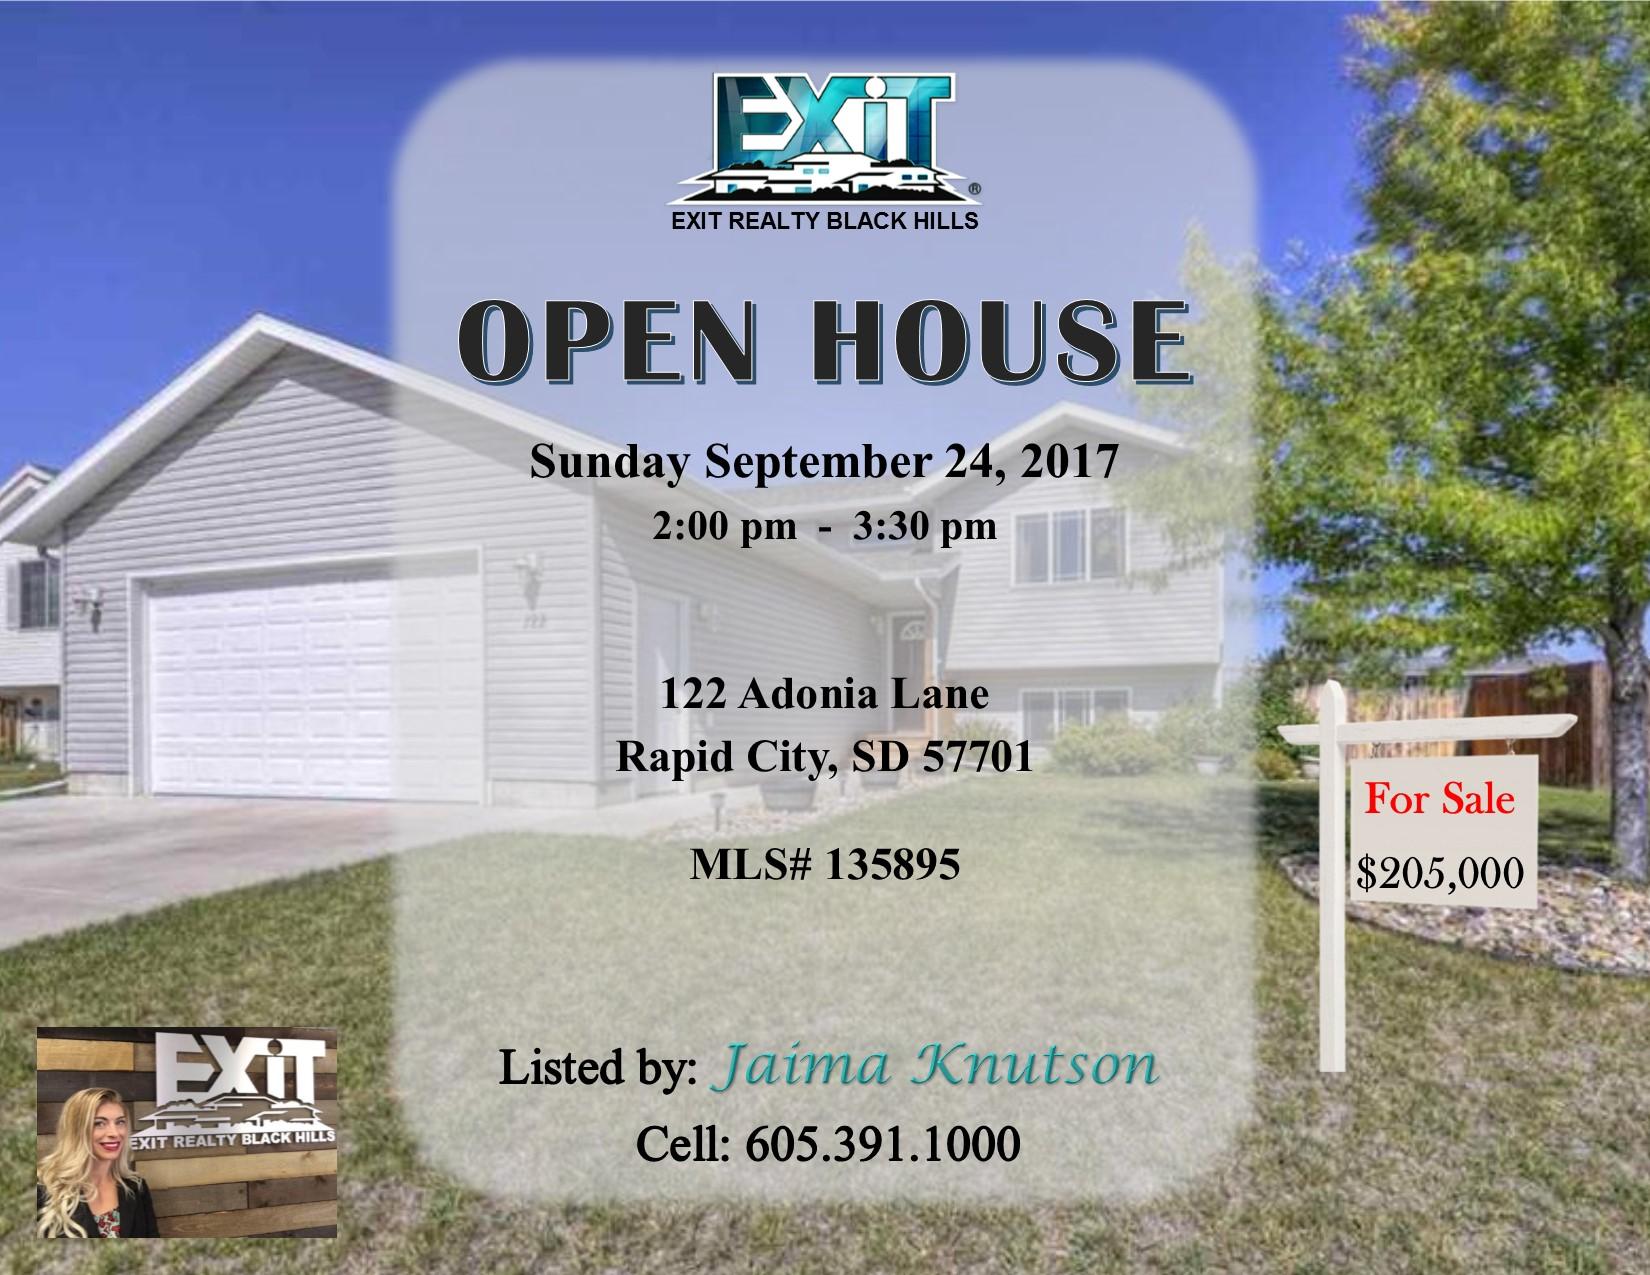 Open House for Sunday September 24, 2017